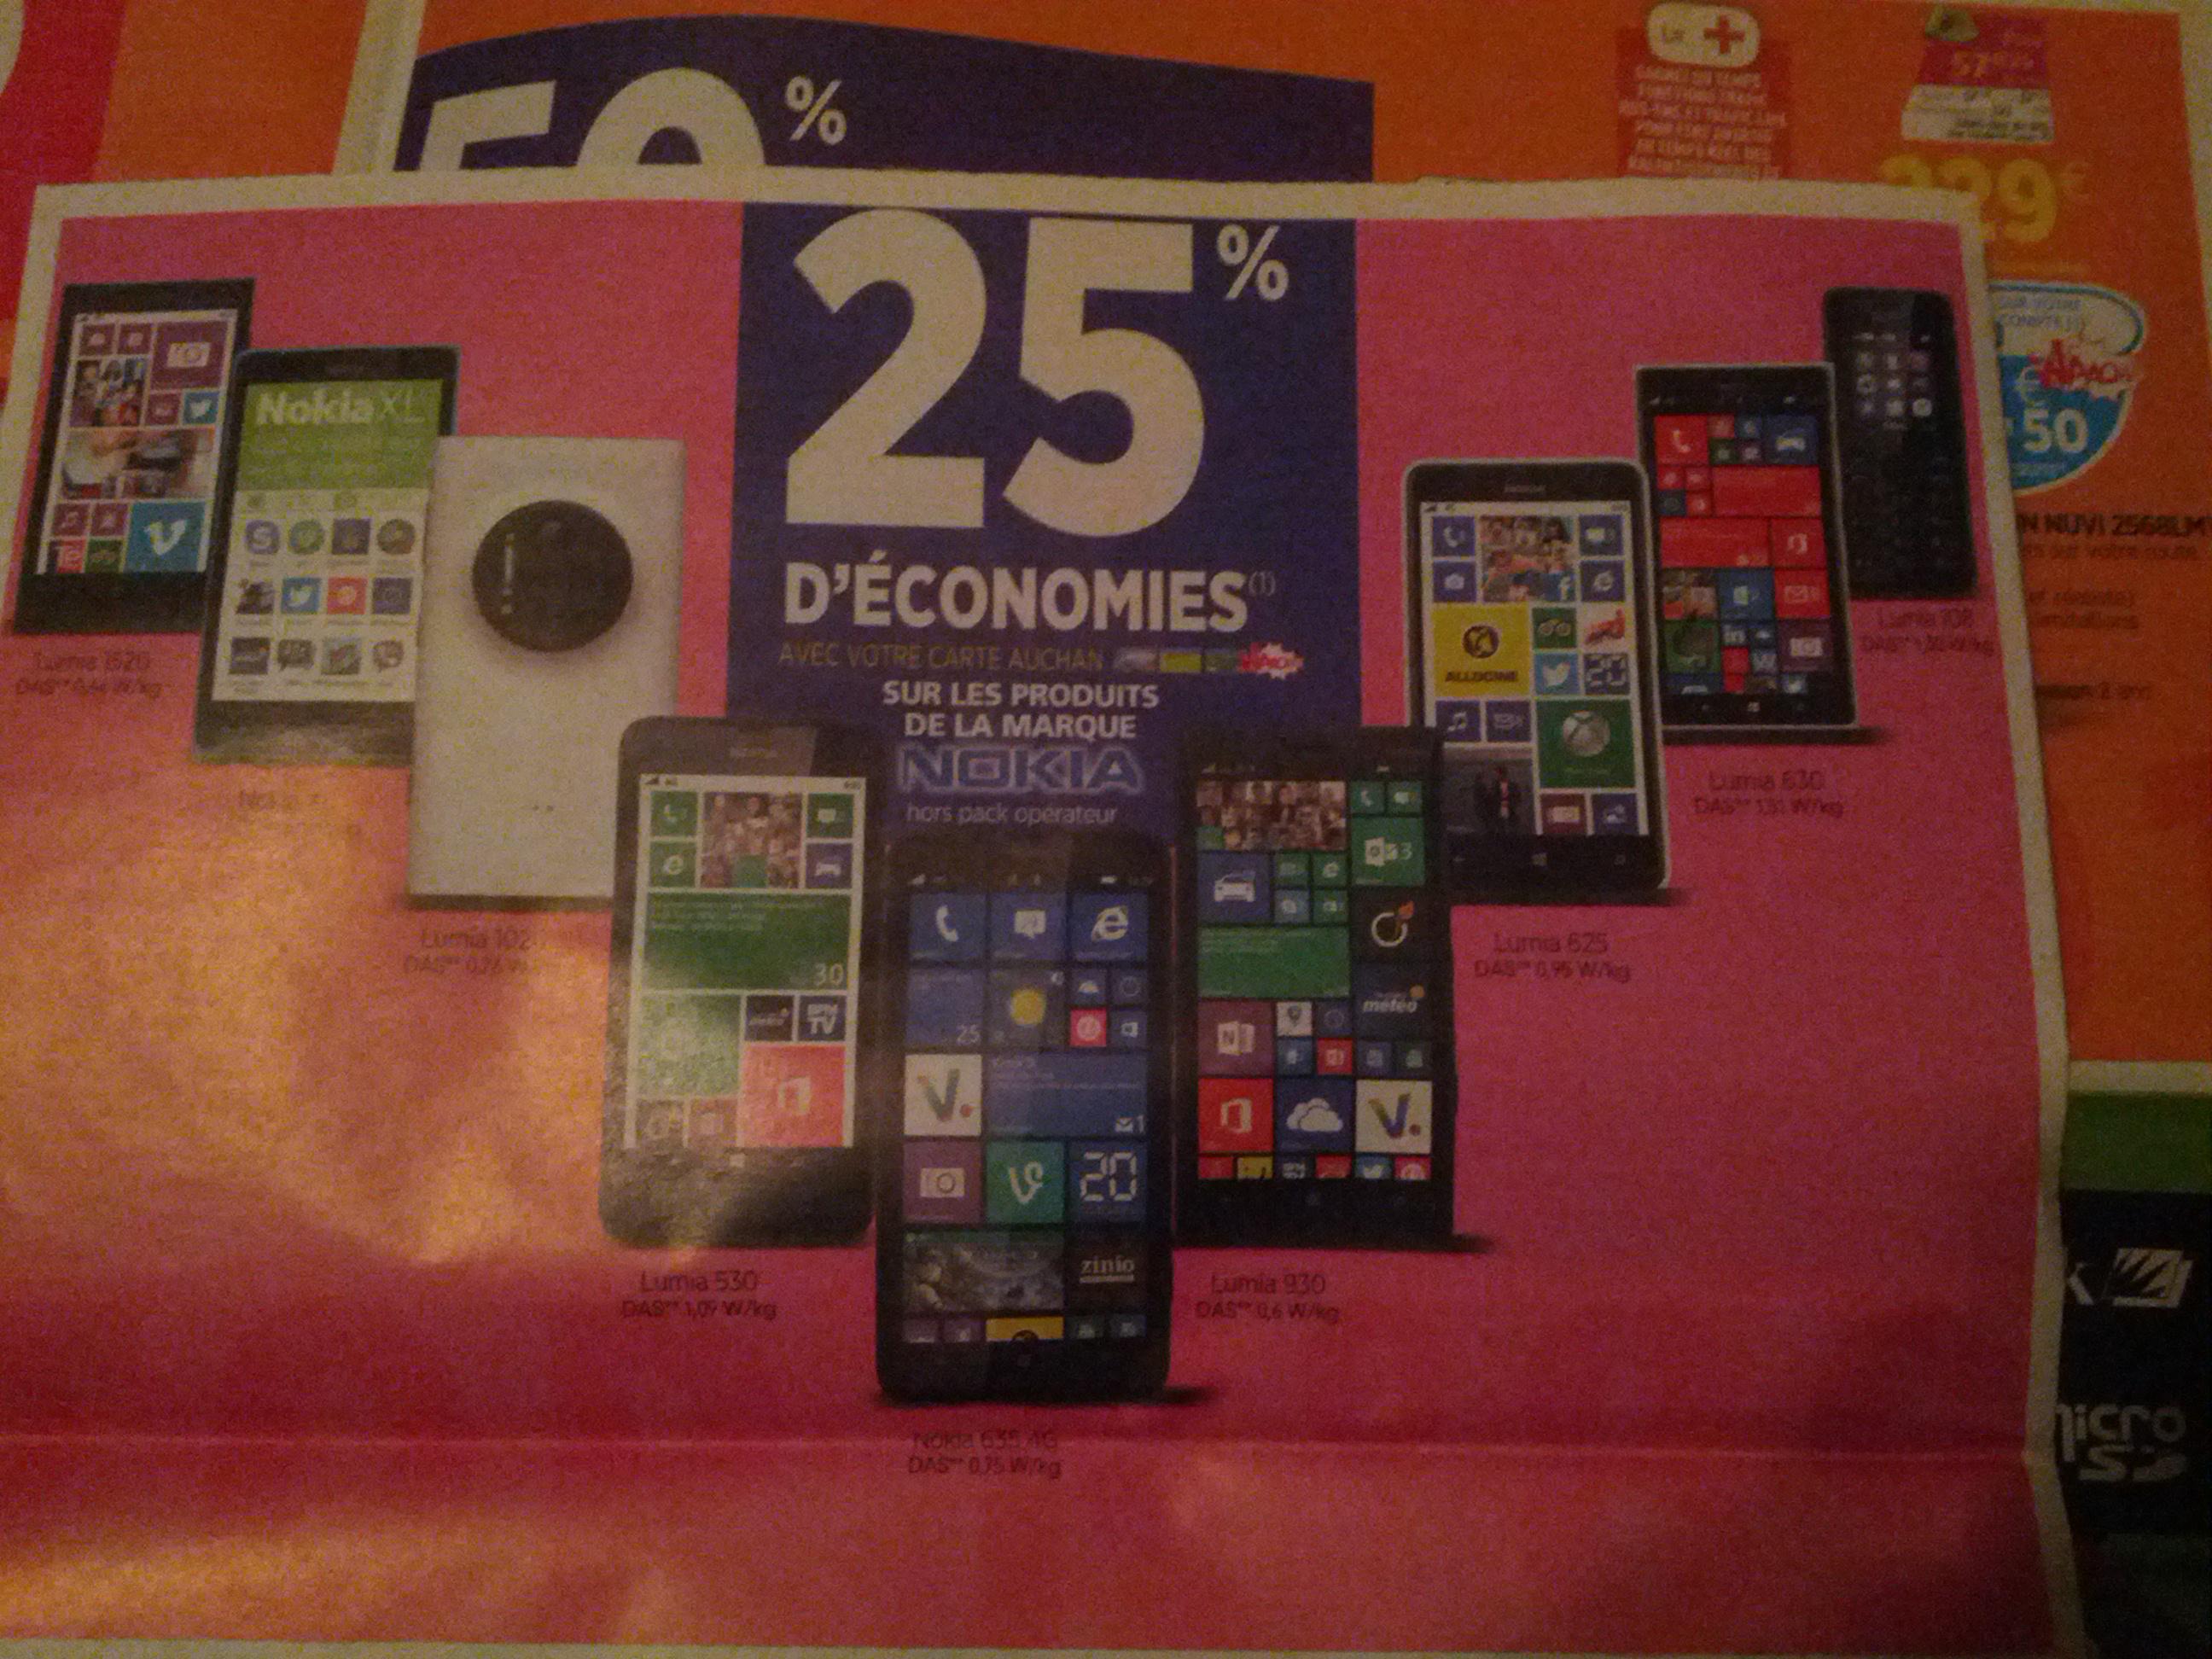 -25% sur tous les produits Nokia - Ex: Smartphone Nokia Lumia 930